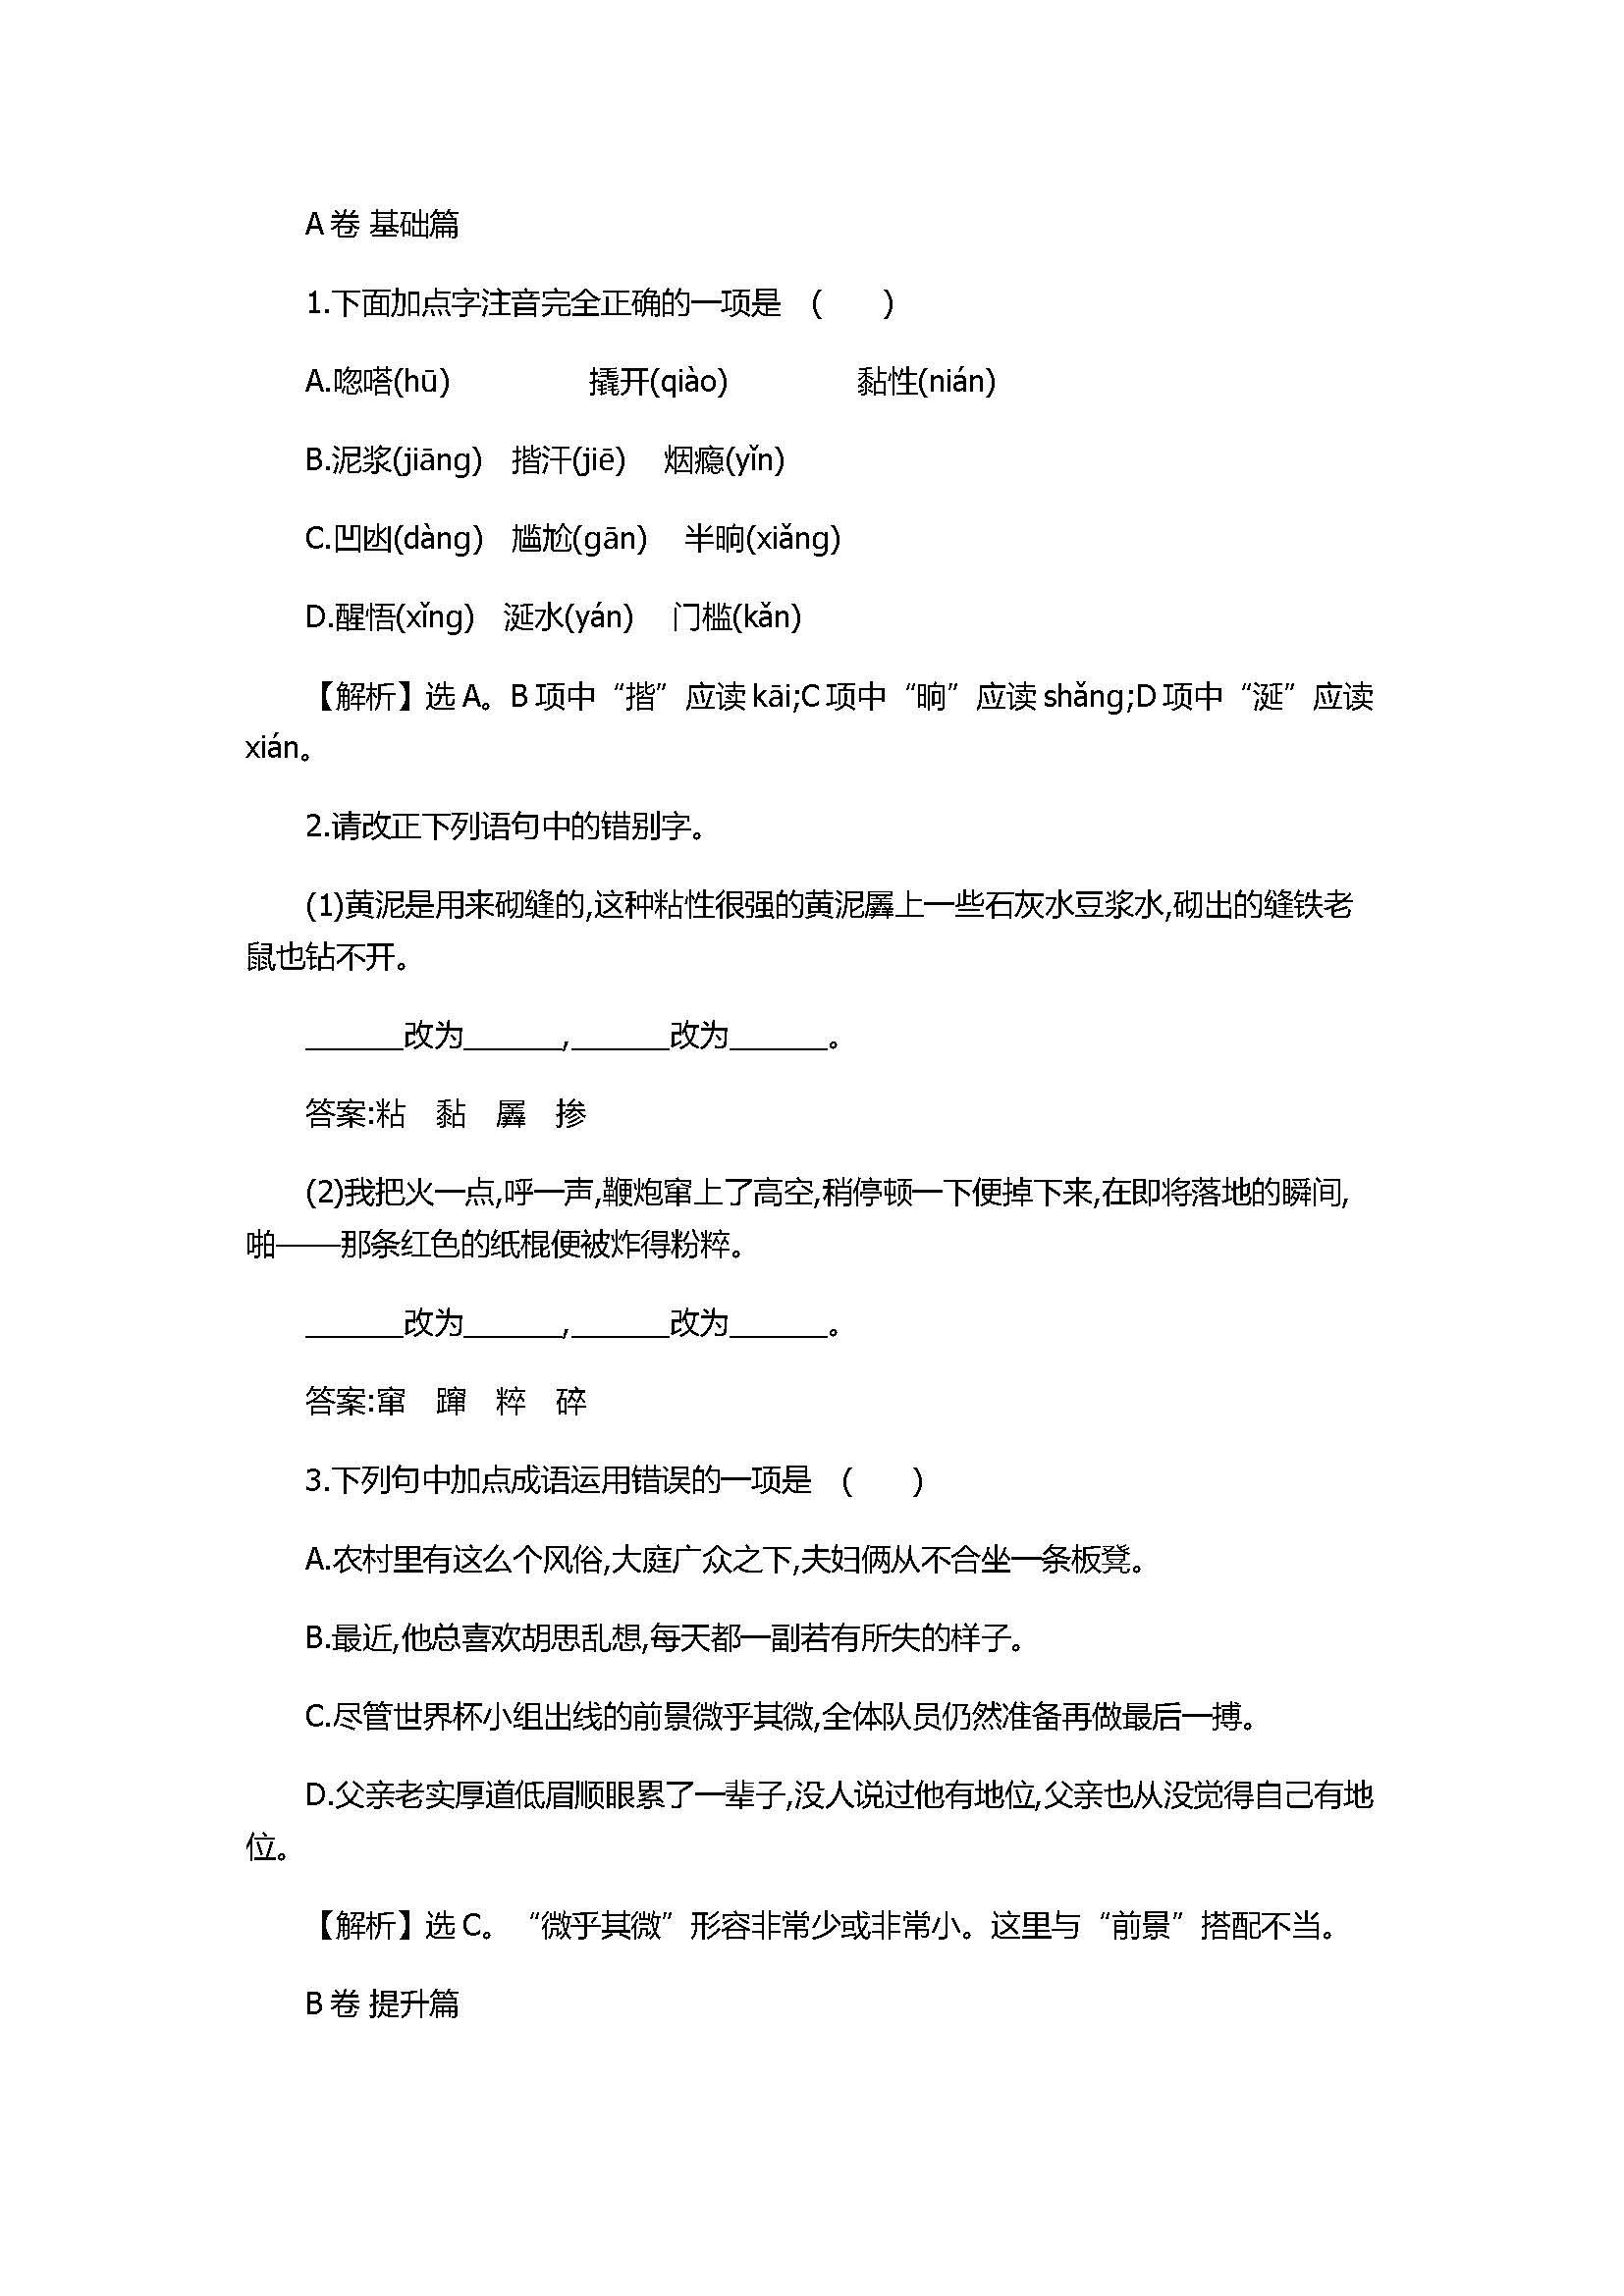 2017七年级语文下册《台阶》精编同步练习题含参考答案